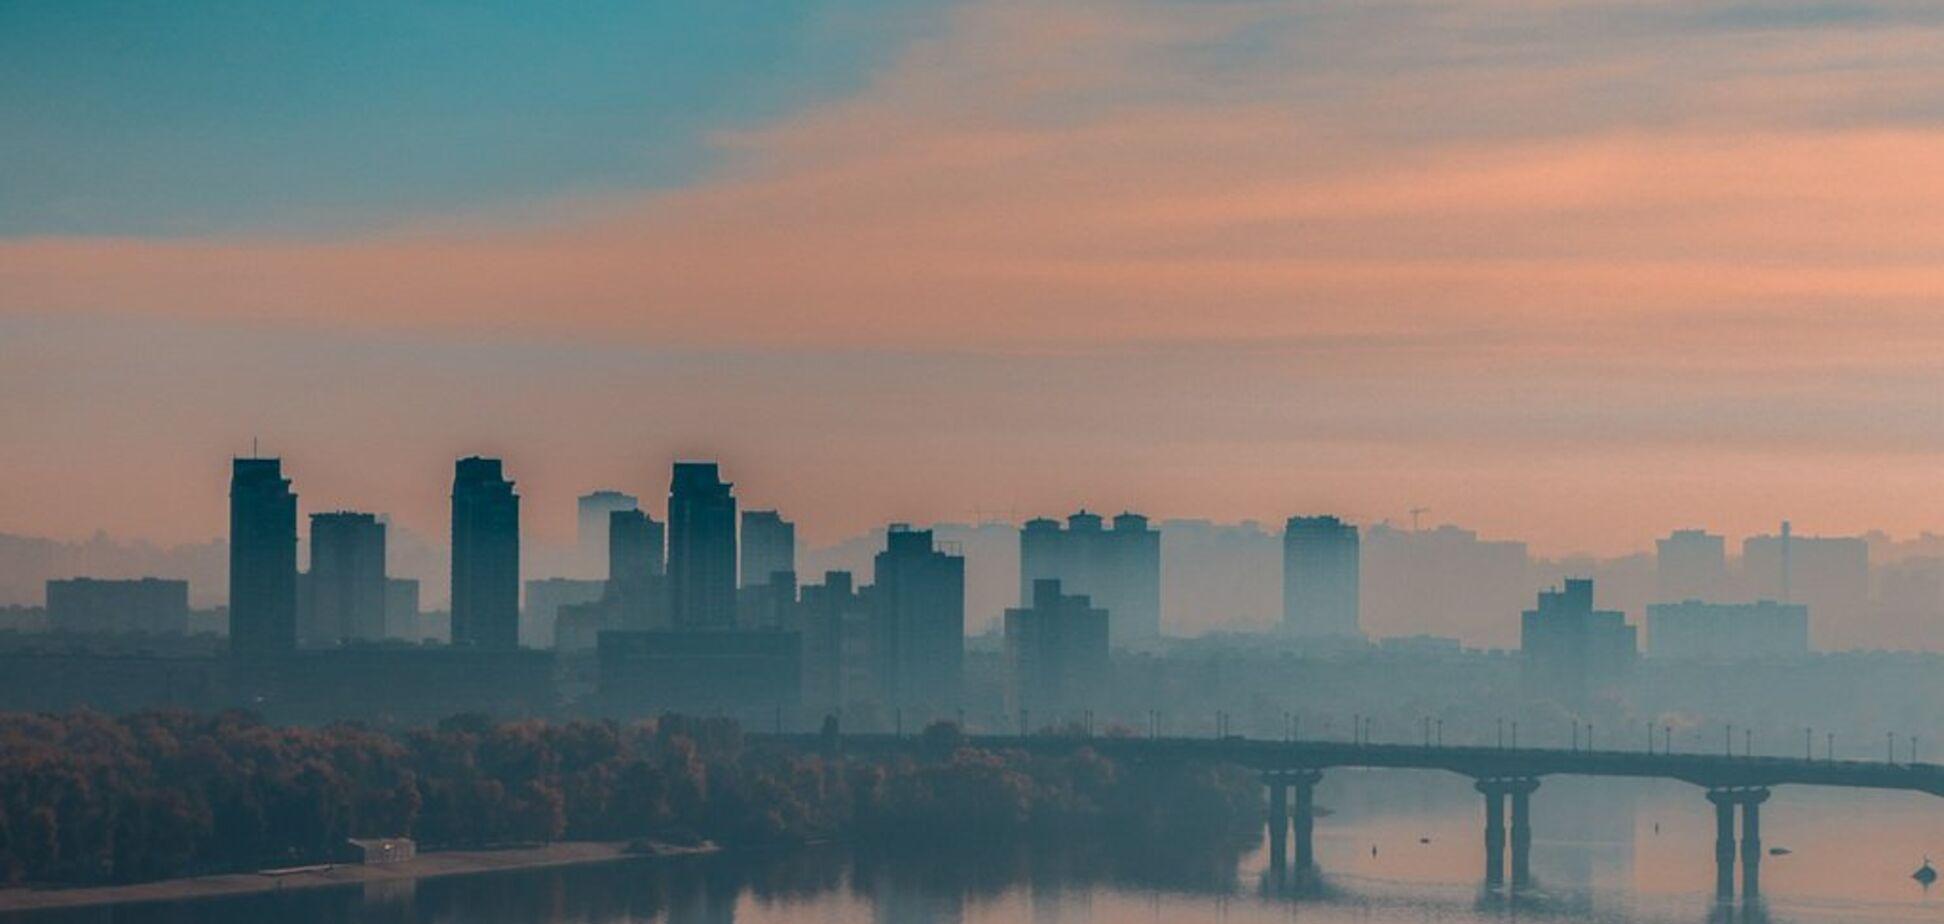 Киев в тумане: красивые фото столицы Украины